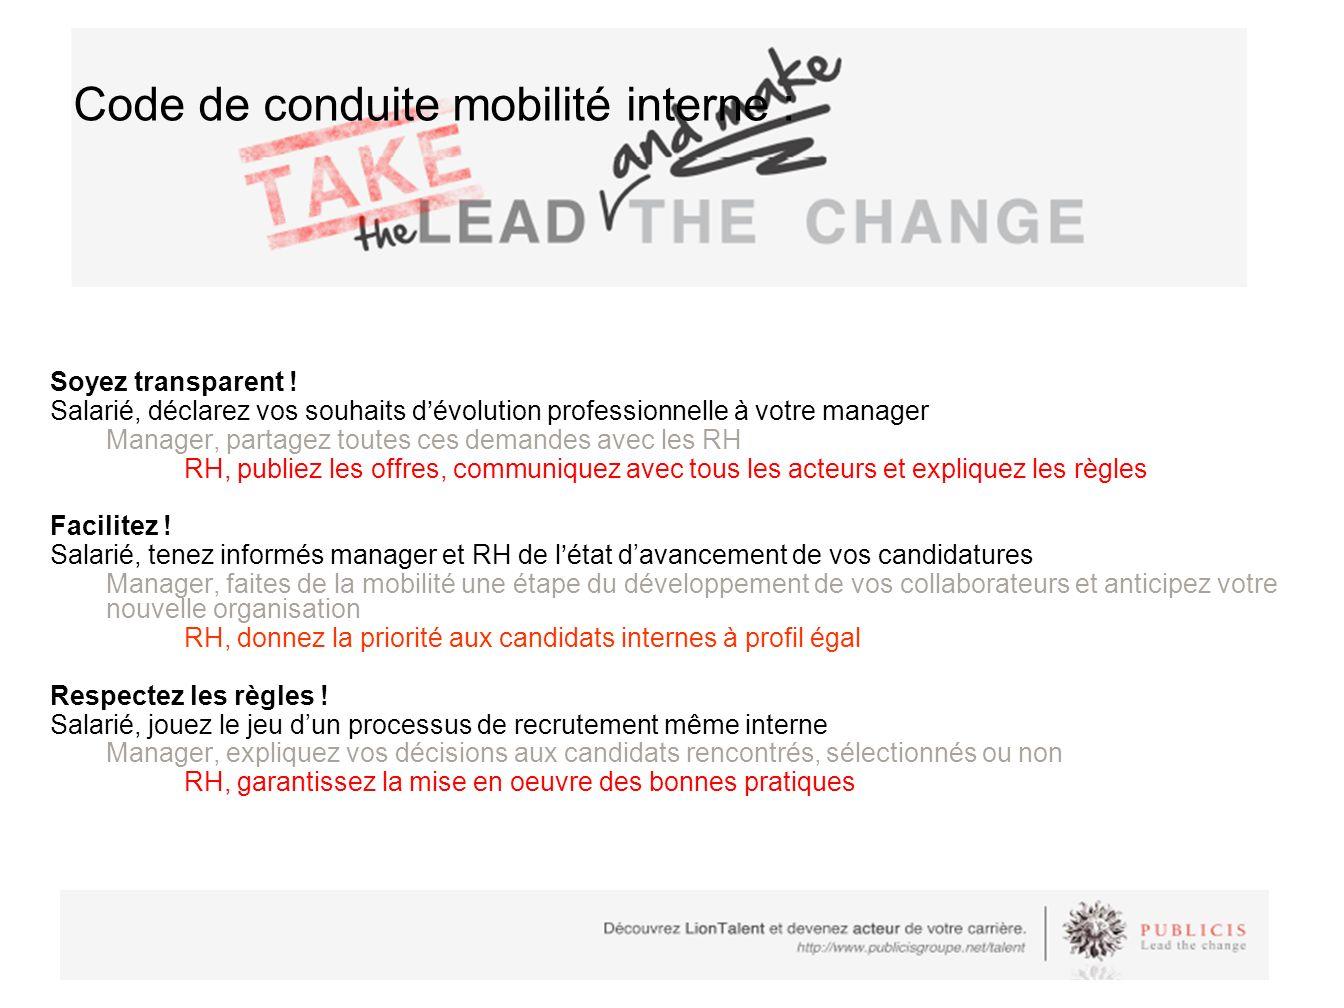 Code de conduite mobilité interne :